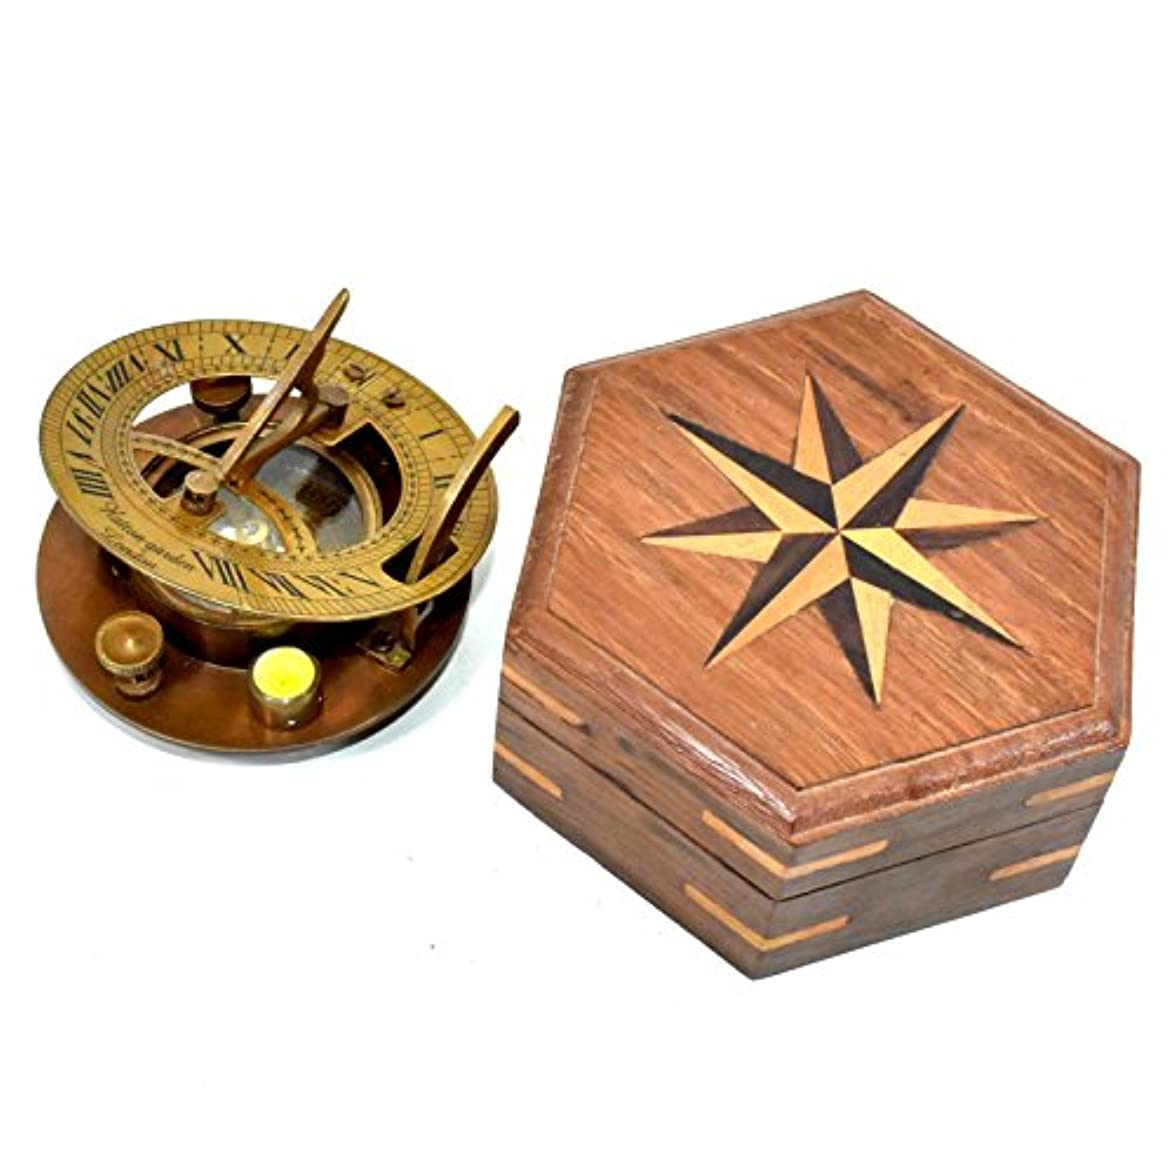 コントロールやろうスナックHNS 真鍮 - ユニアルコンパス - 海外用真鍮ポケットコンパス 木製ボックス付き